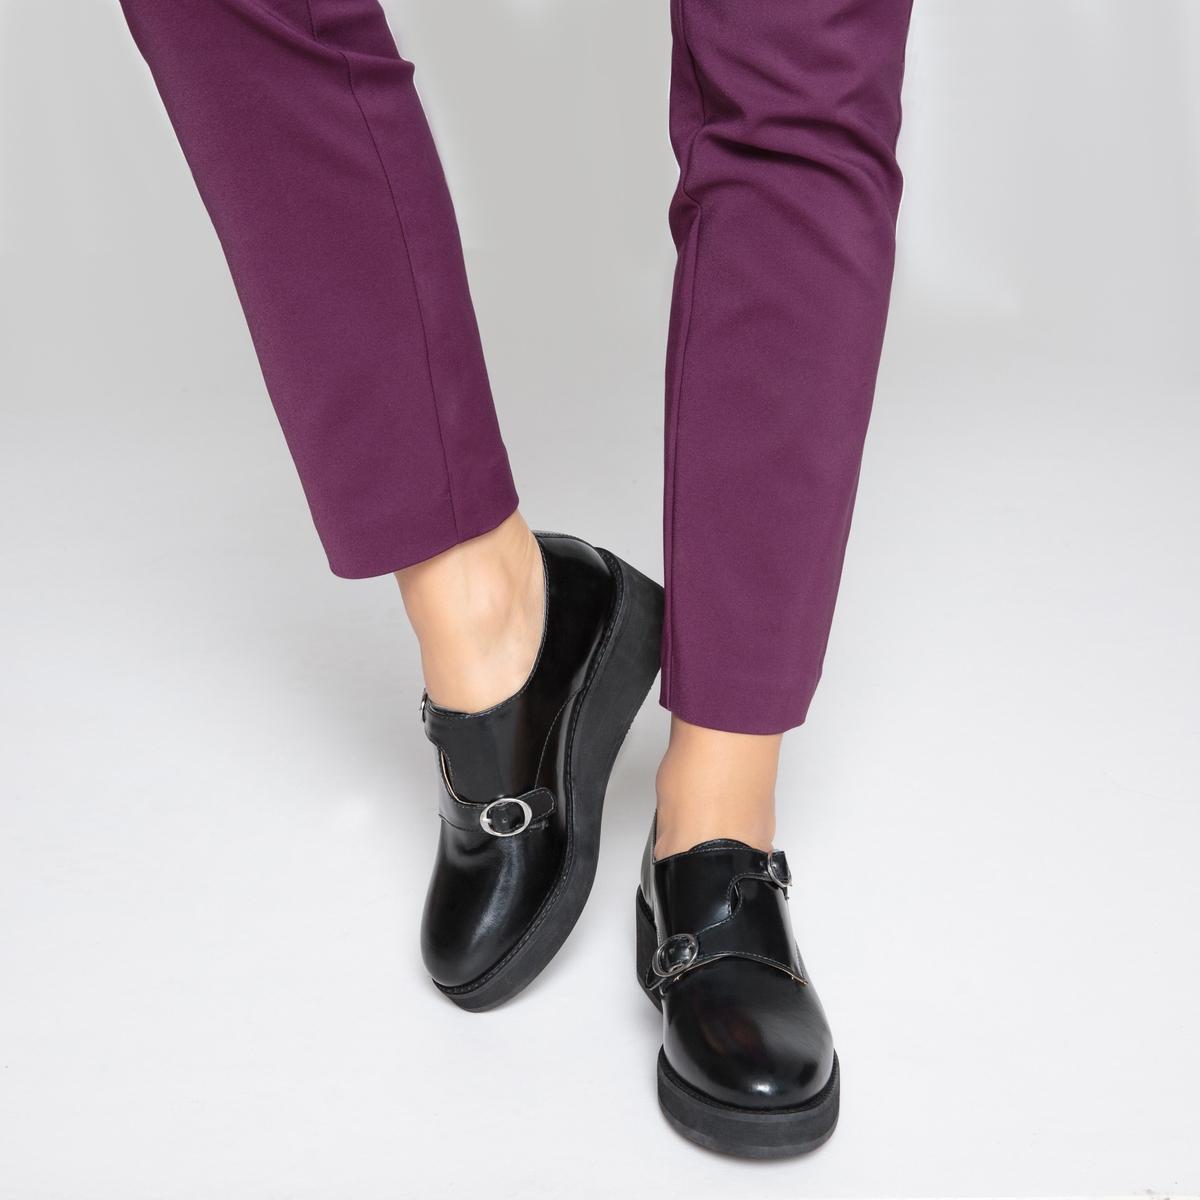 Ботинки-дерби кожаные на танкетке с пряжками